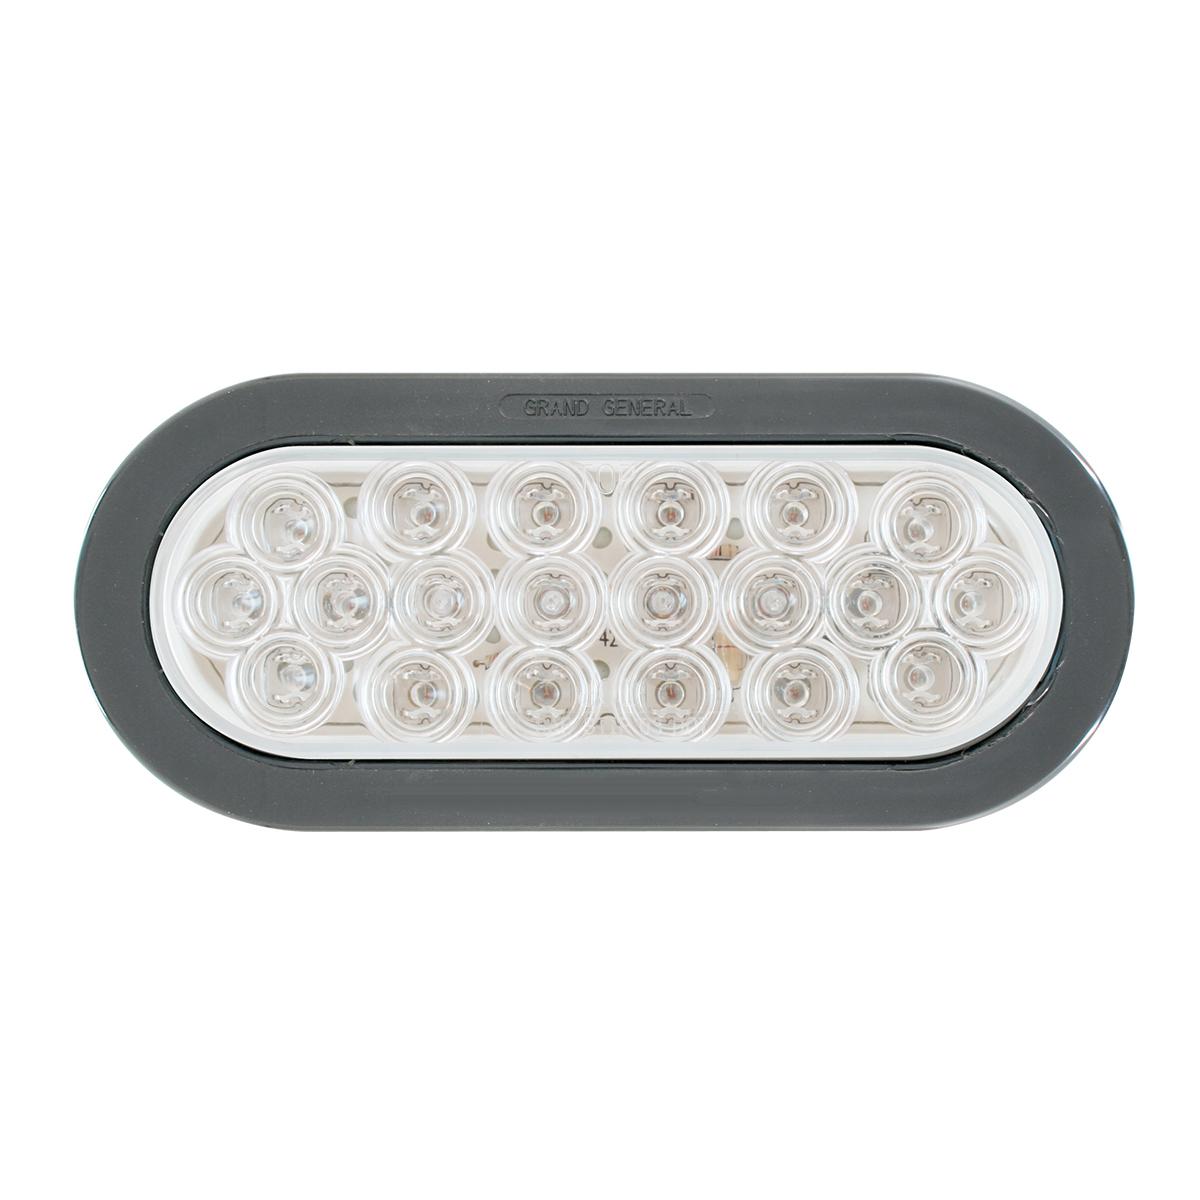 Oval Fleet LED Light w/ Black Rubber Grommet